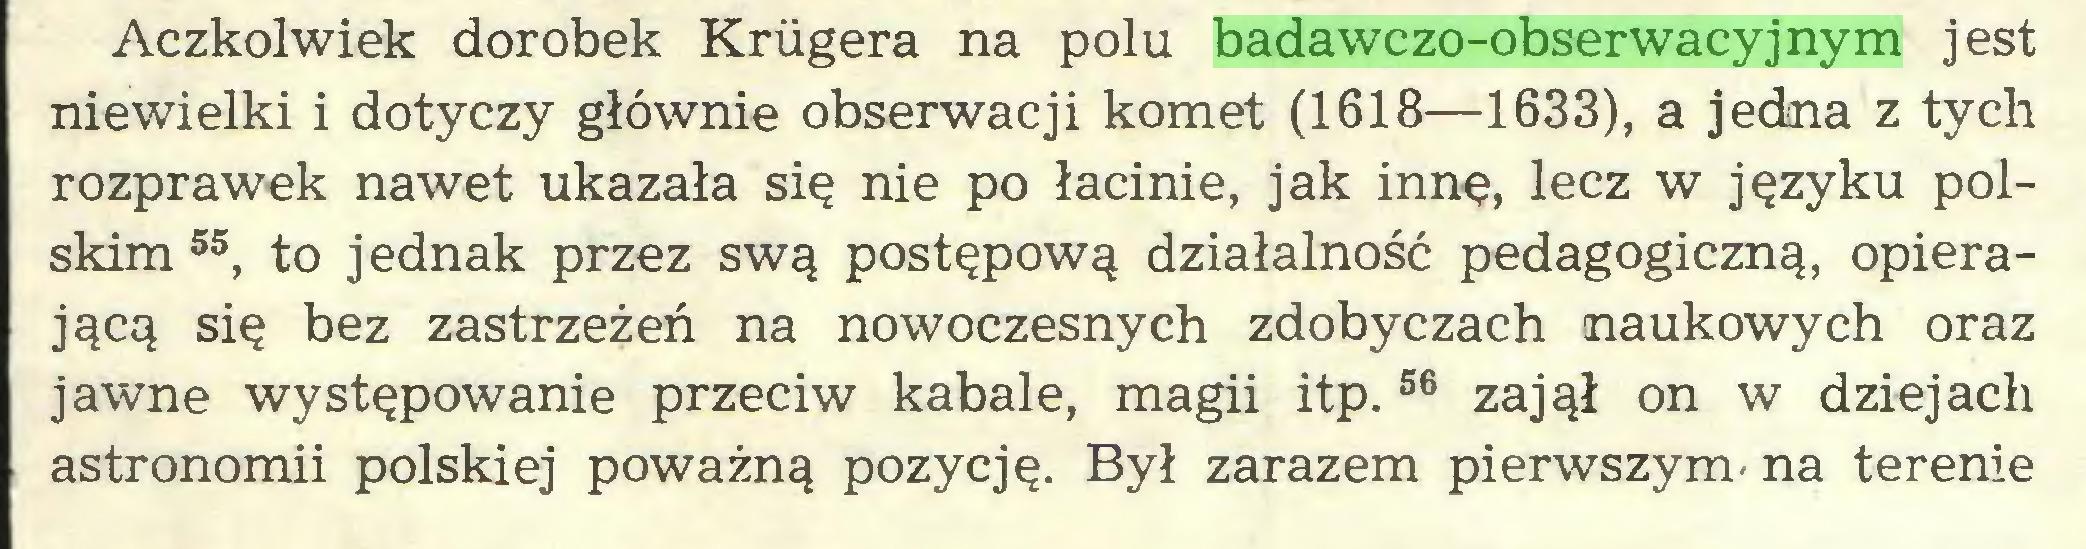 (...) Aczkolwiek dorobek Krugera na polu badawczo-obserwacyjnym jest niewielki i dotyczy głównie obserwacji komet (1618—1633), a jedna z tych rozprawek nawet ukazała się nie po łacinie, jak innę, lecz w języku polskim 55, to jednak przez swą postępową działalność pedagogiczną, opierającą się bez zastrzeżeń na nowoczesnych zdobyczach naukowych oraz jawne występowanie przeciw kabale, magii itp.56 zajął on w dziejach astronomii polskiej poważną pozycję. Był zarazem pierwszym- na terenie...